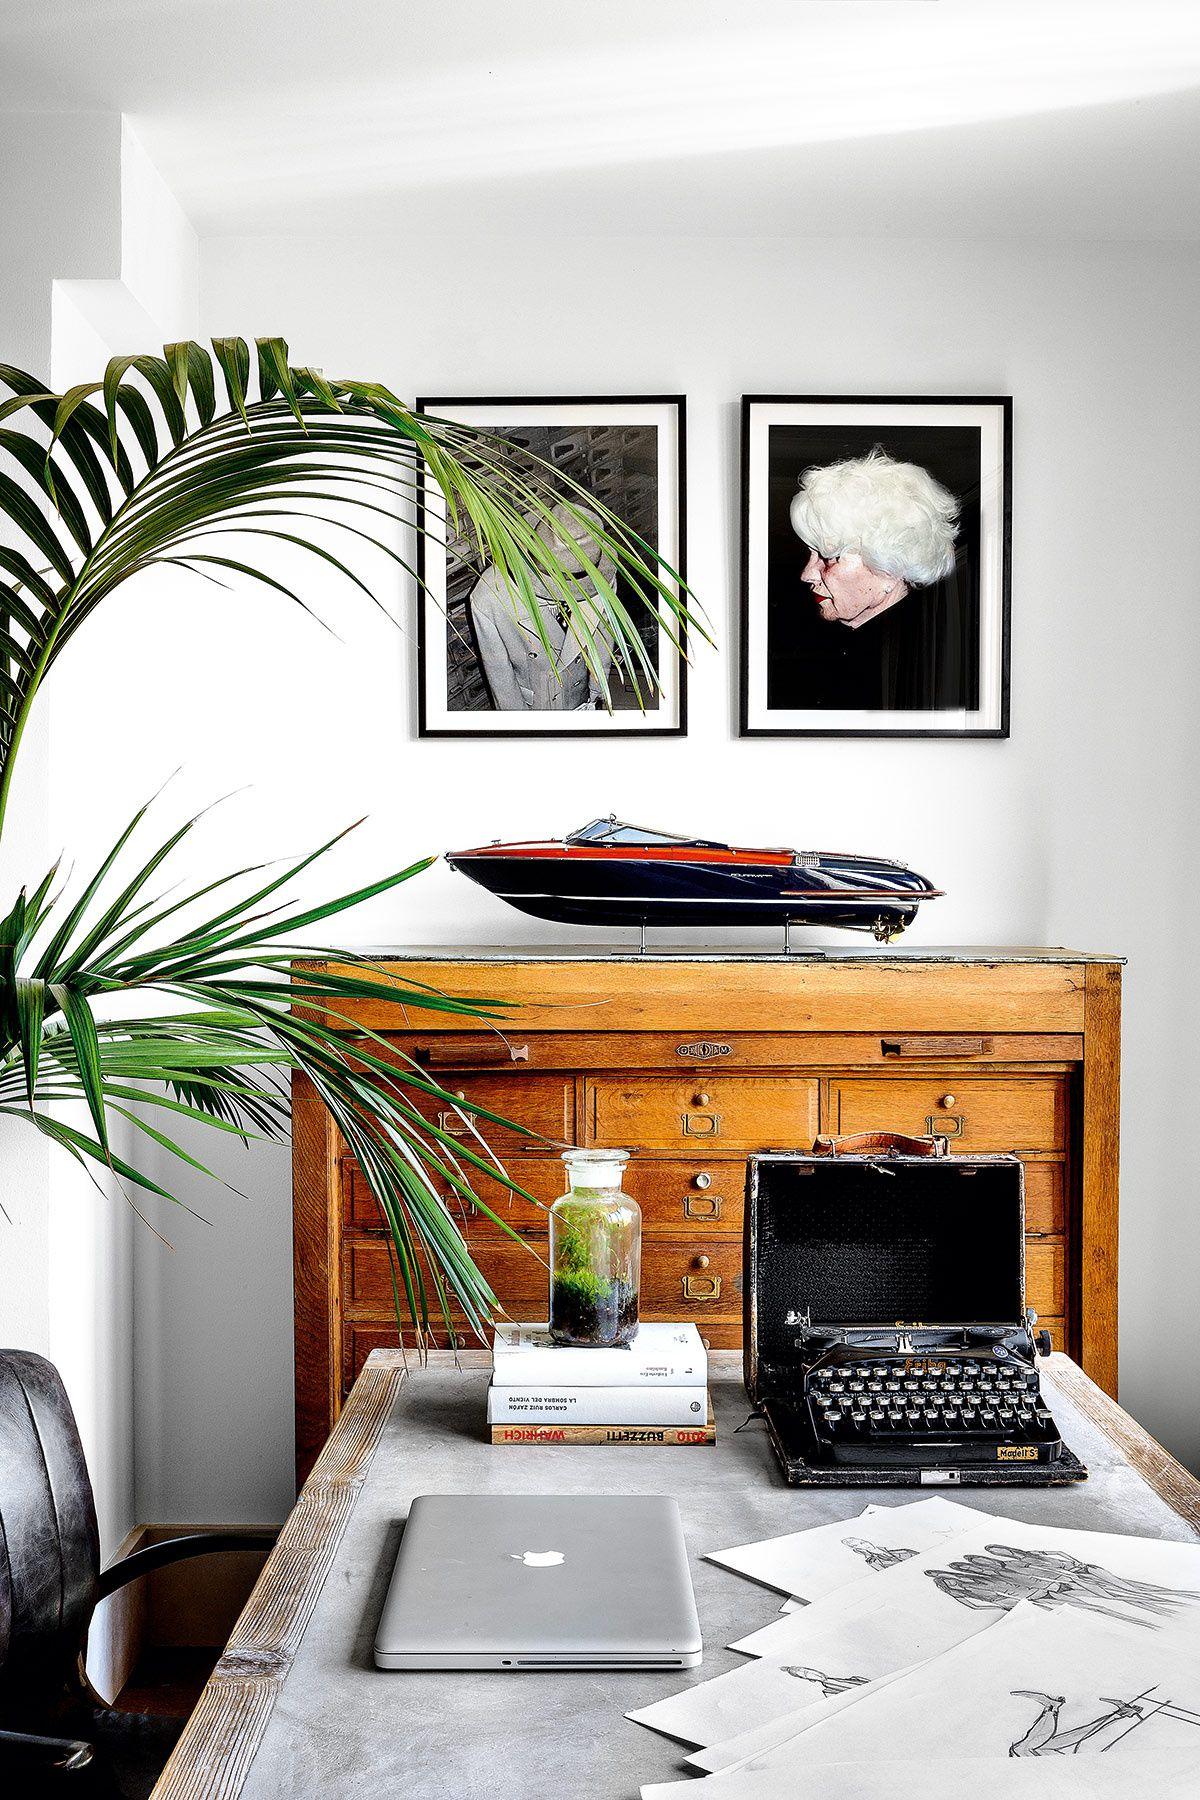 El tico de eduardo rivera en madrid workspaces oficinas aticos y espacios de oficina - Disenador de interiores madrid ...